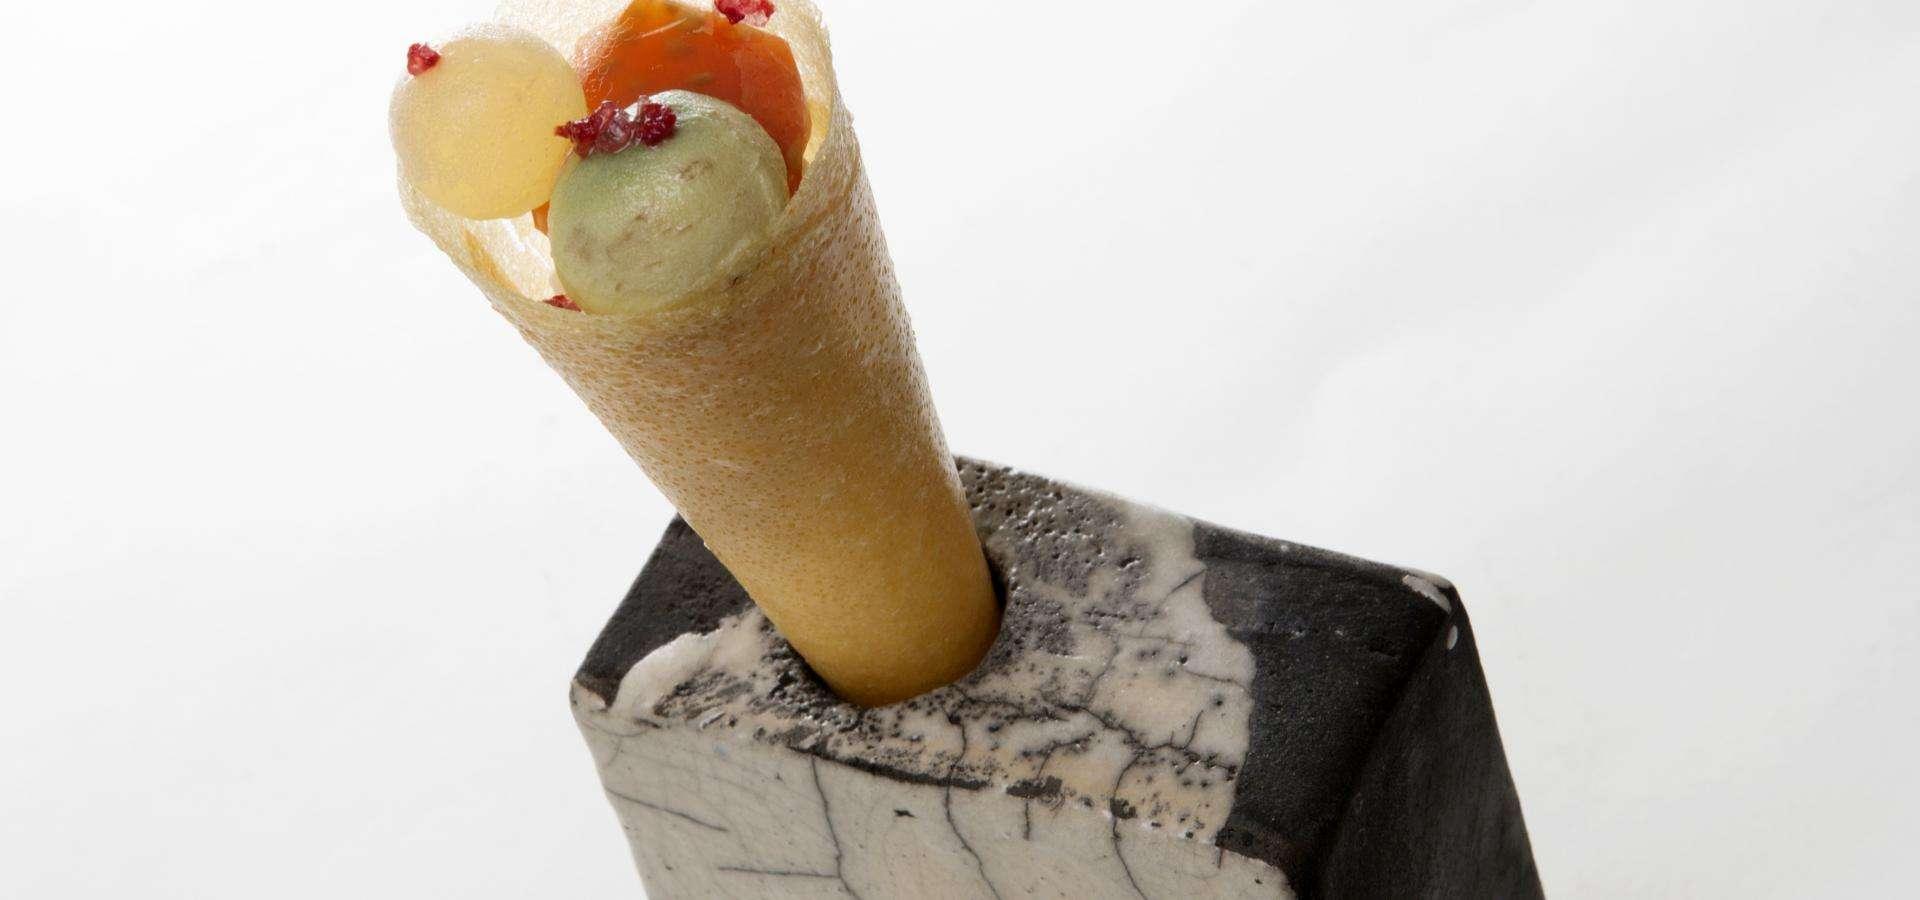 Geeistes Olivenöl aus Spanien / Aubergine / Tomatenherz / Himbeersalz